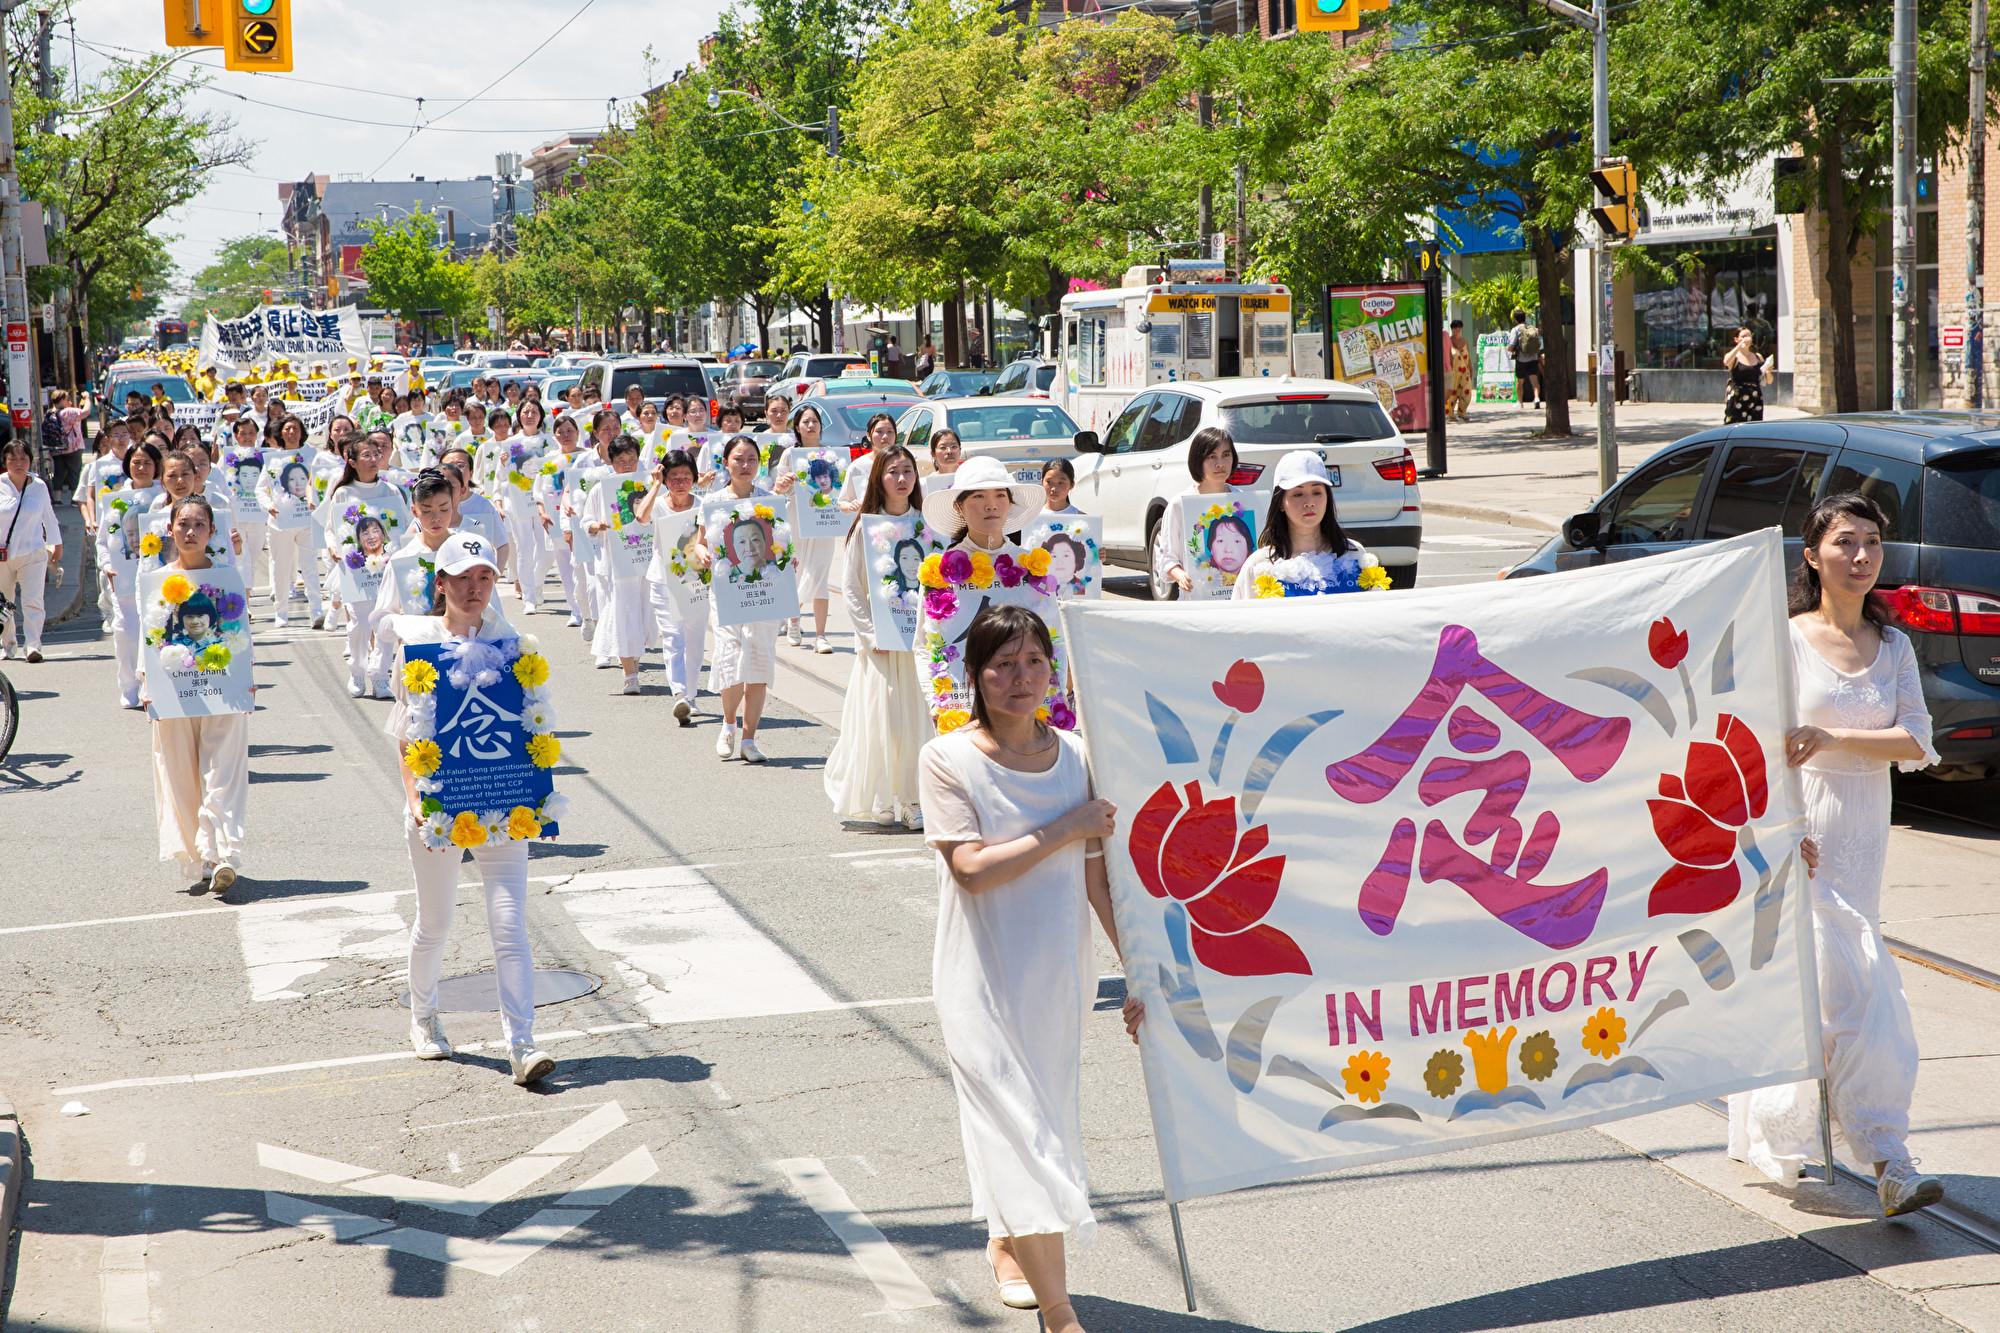 7月20日,加東地區法輪功學員舉行盛大遊行,紀念反迫害20周年,圖為白衣方陣,悼念死難的同修。(艾文/大紀元)